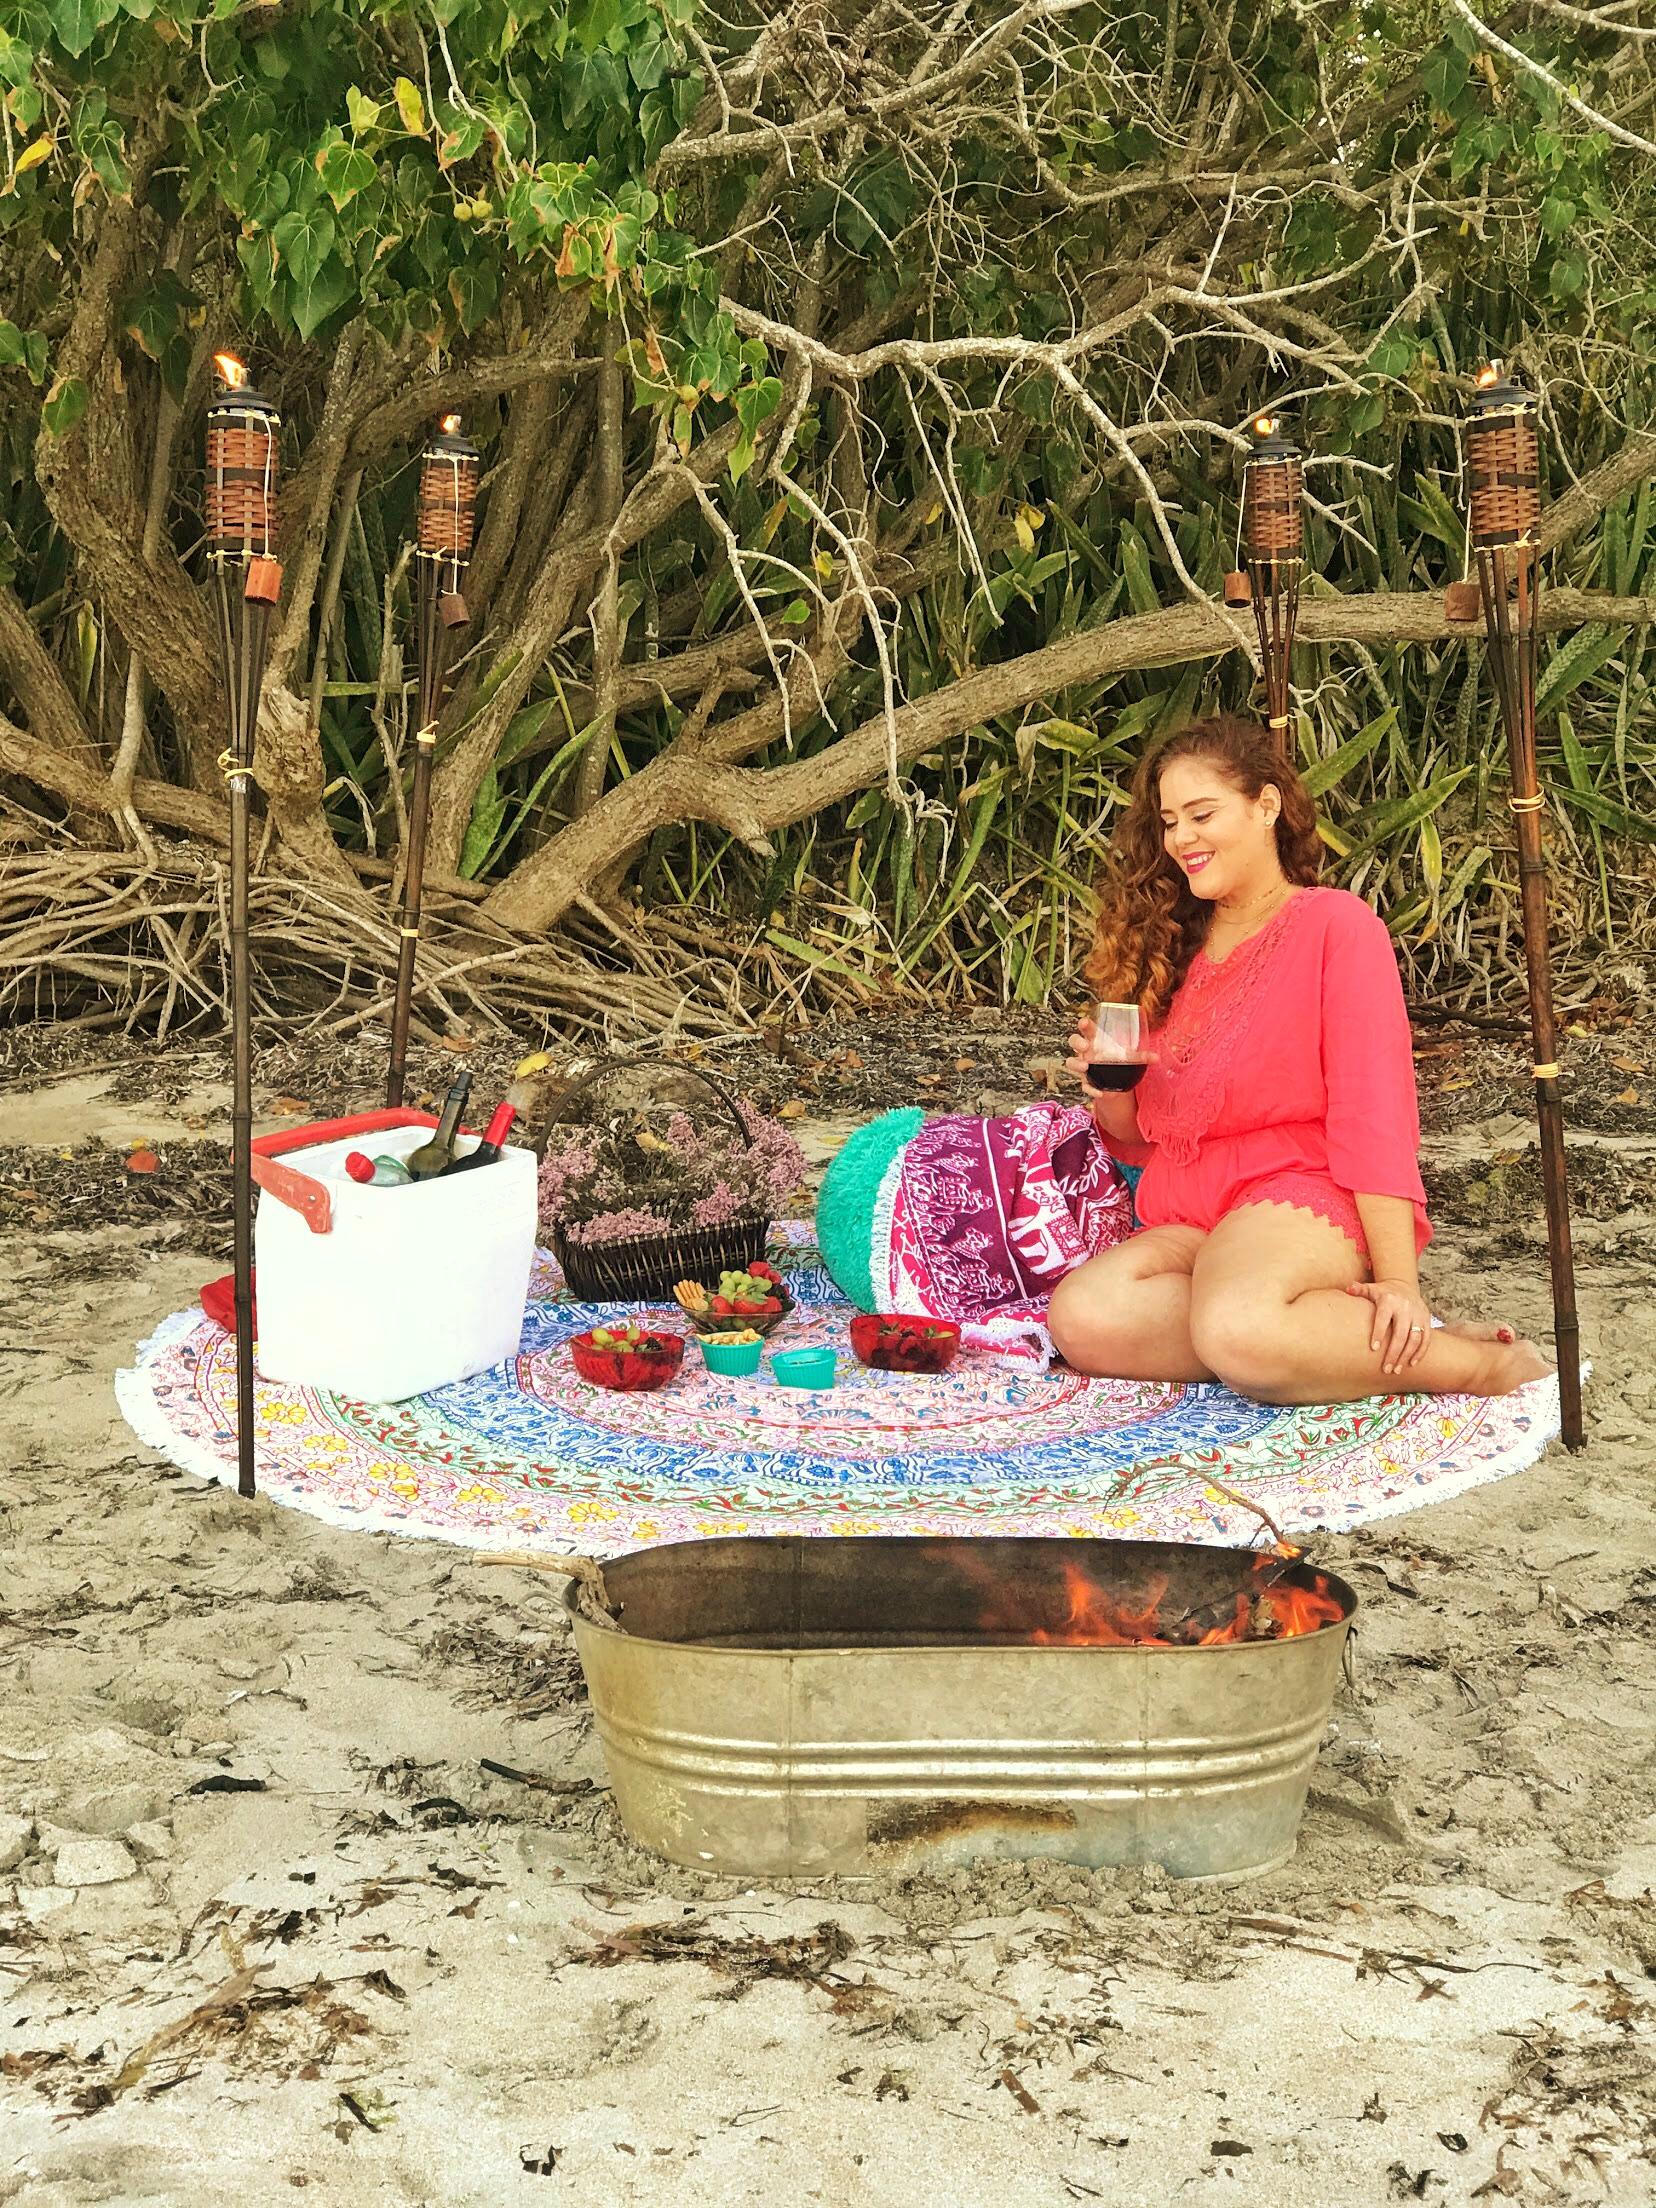 Palm Street Romper  |  Color Inspiration Round Beach Blanket  |  African Days Round Beach Blanket